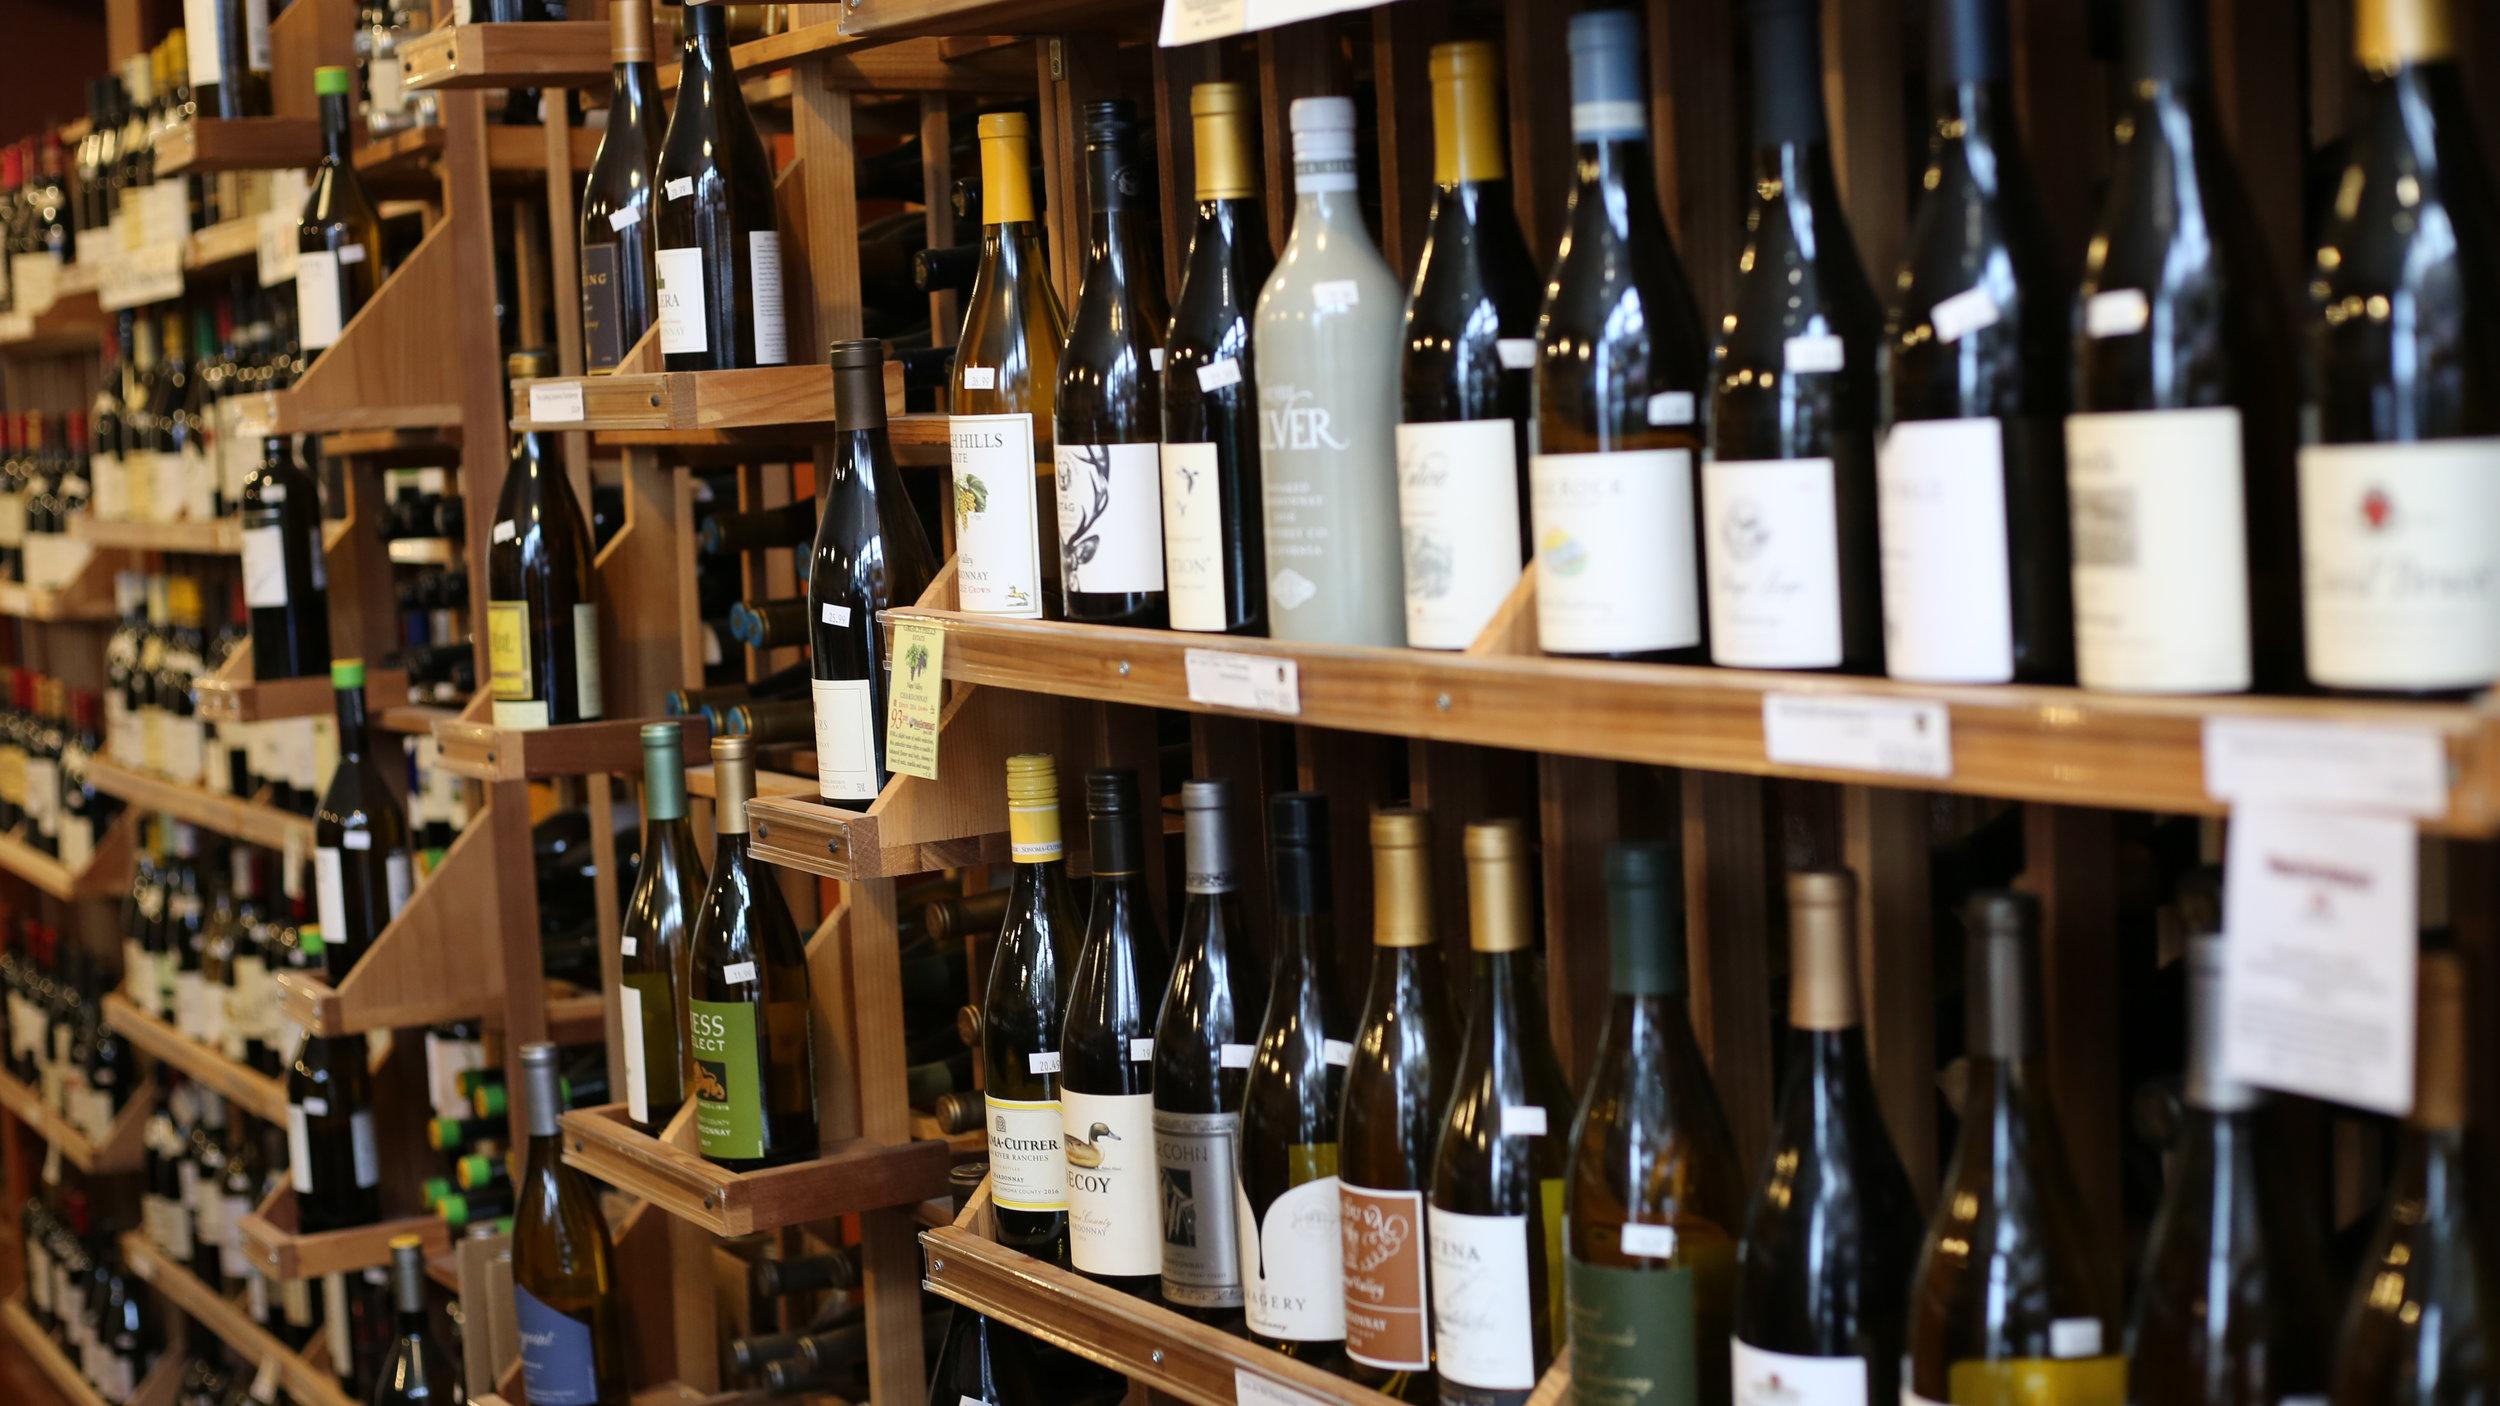 effingham-village-wine-and-spirits-15.jpg